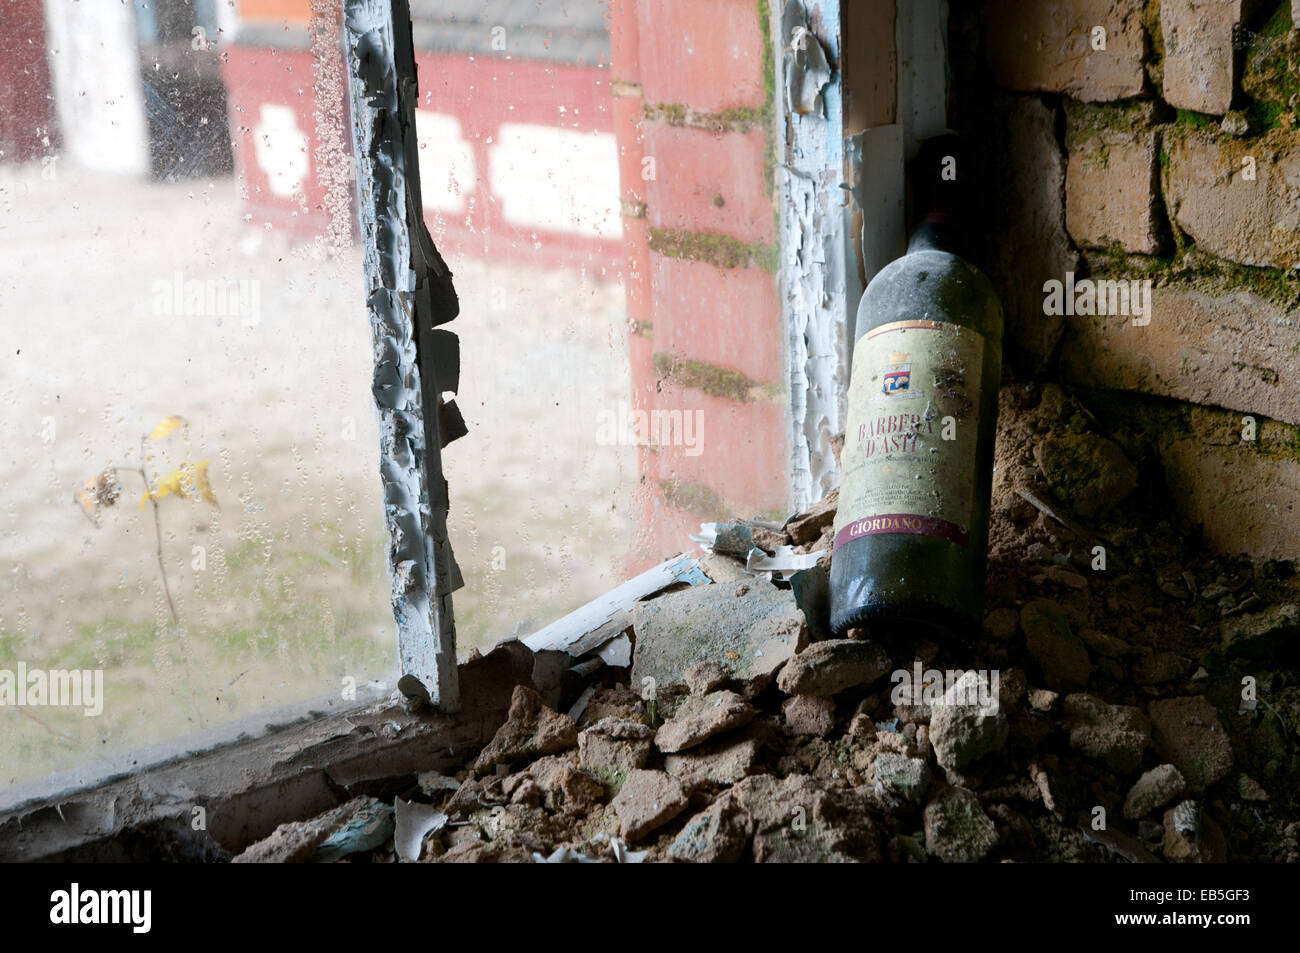 Dusty wine bottle on window sill, Beelitz Heilstaetten former TB hospital, abandoned place near Berlin - Stock Image